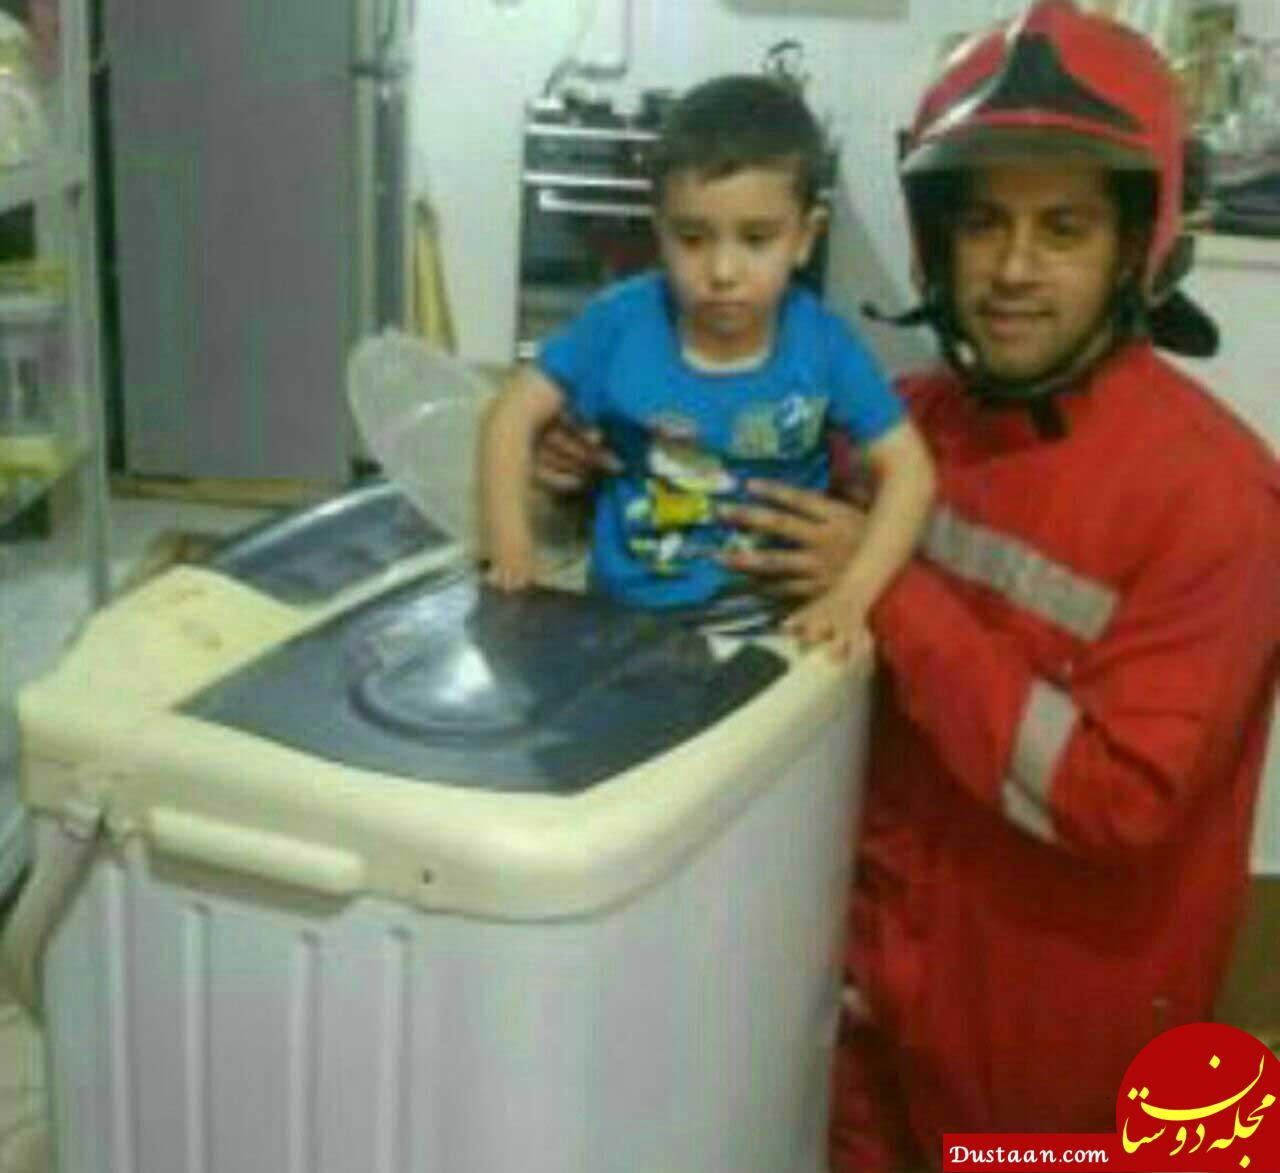 www.dustaan.com نجات دختربچه بازیگوش مشهدی از داخل ماشین لباسشویی +عکس